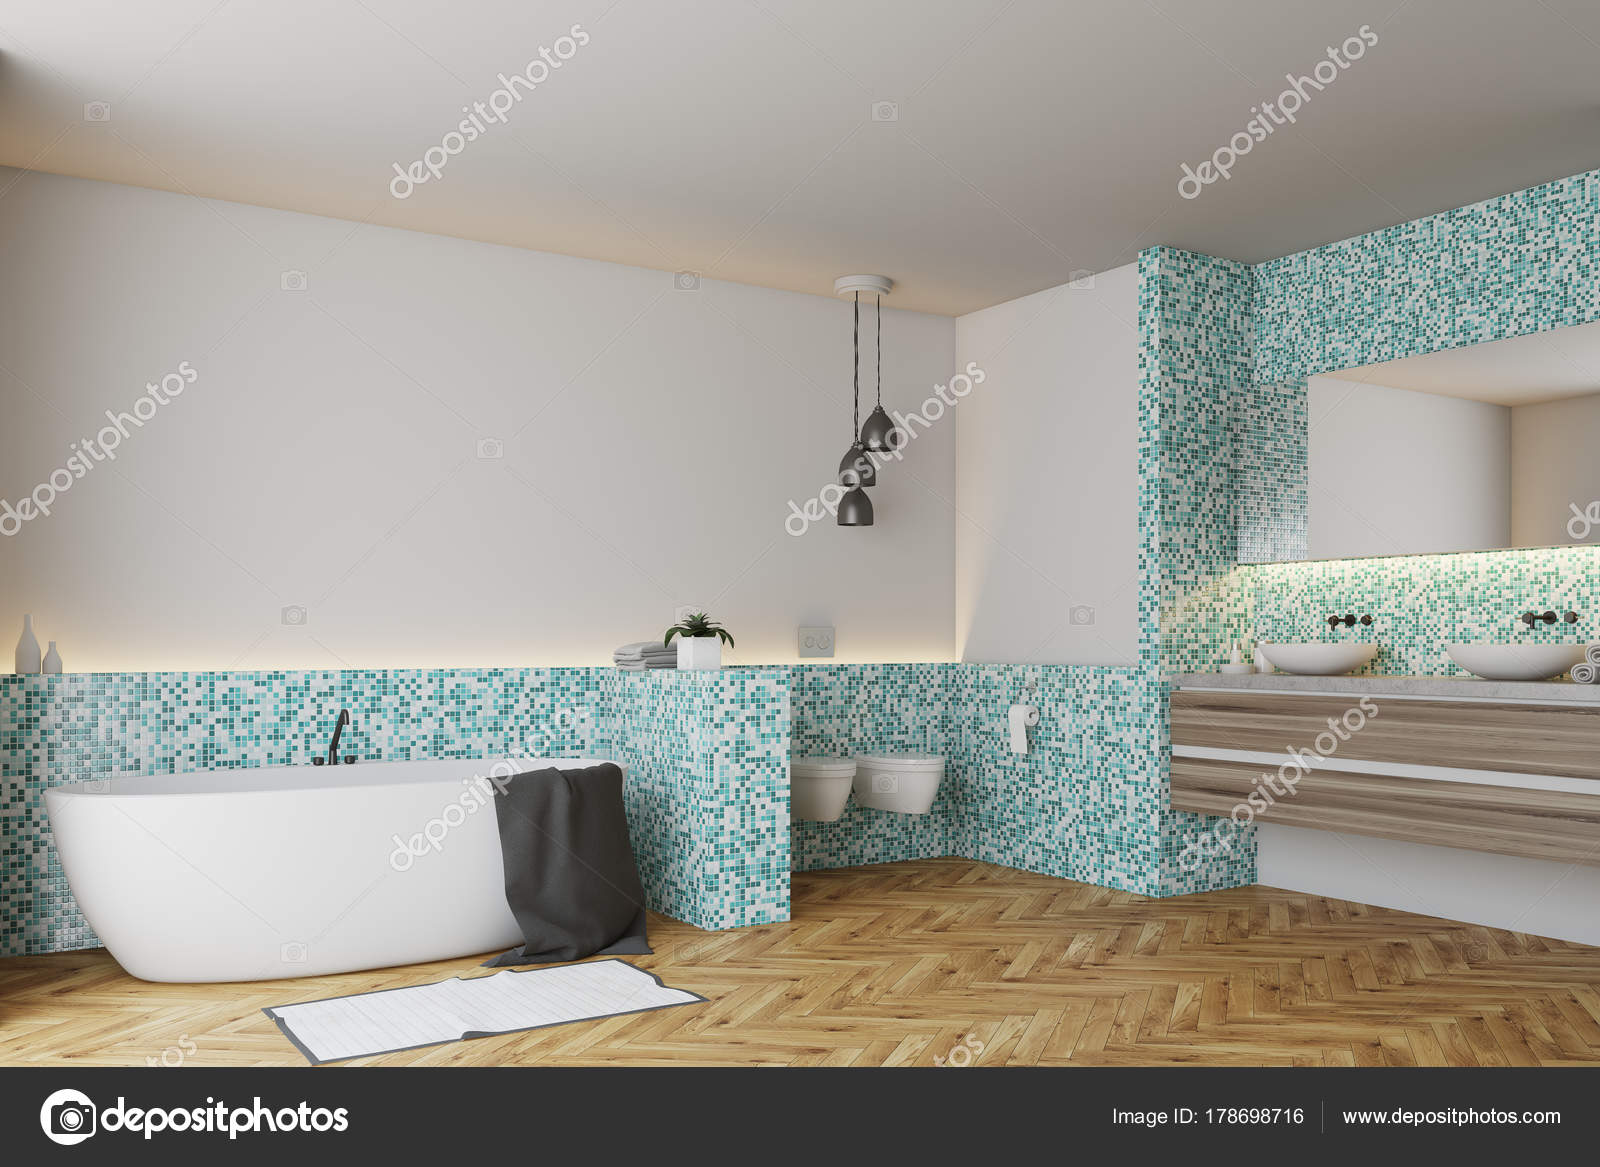 Mattonelle Bagno Verde Acqua : Mattonelle verdi bagno e wc angolo u2014 foto stock © denisismagilov